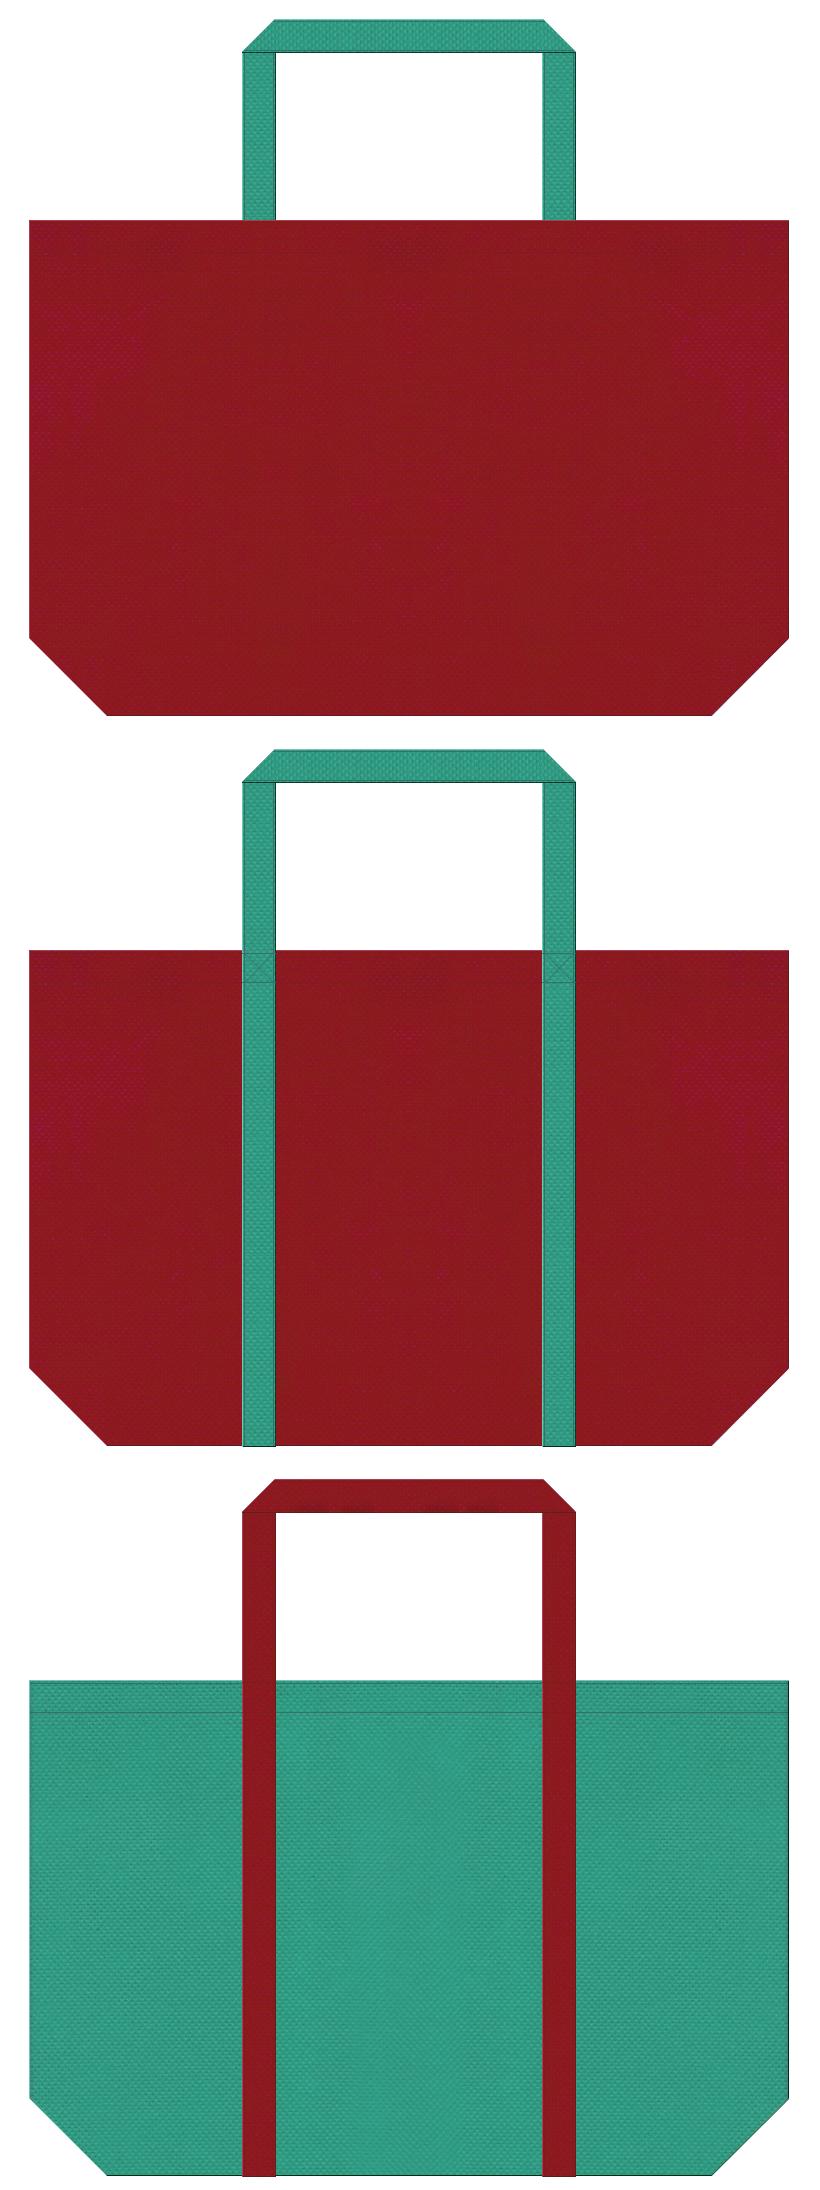 振袖・和雑貨にお奨め:エンジ色と青緑色の不織布ショッピングバッグのデザイン